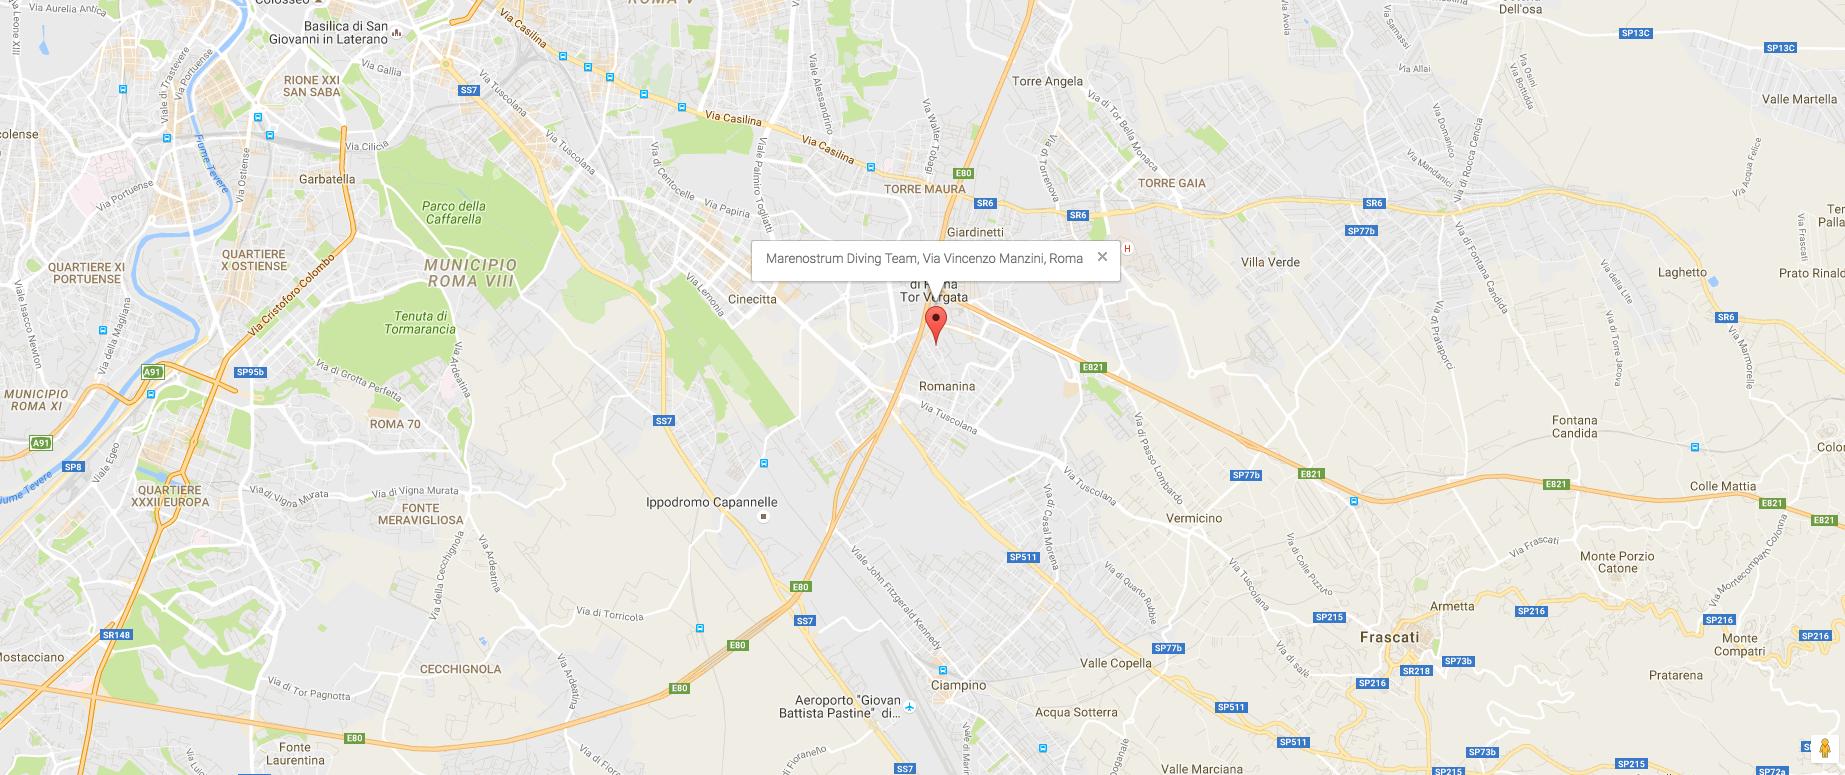 Corsi Sub Roma Sede dei Corsi Subacquei